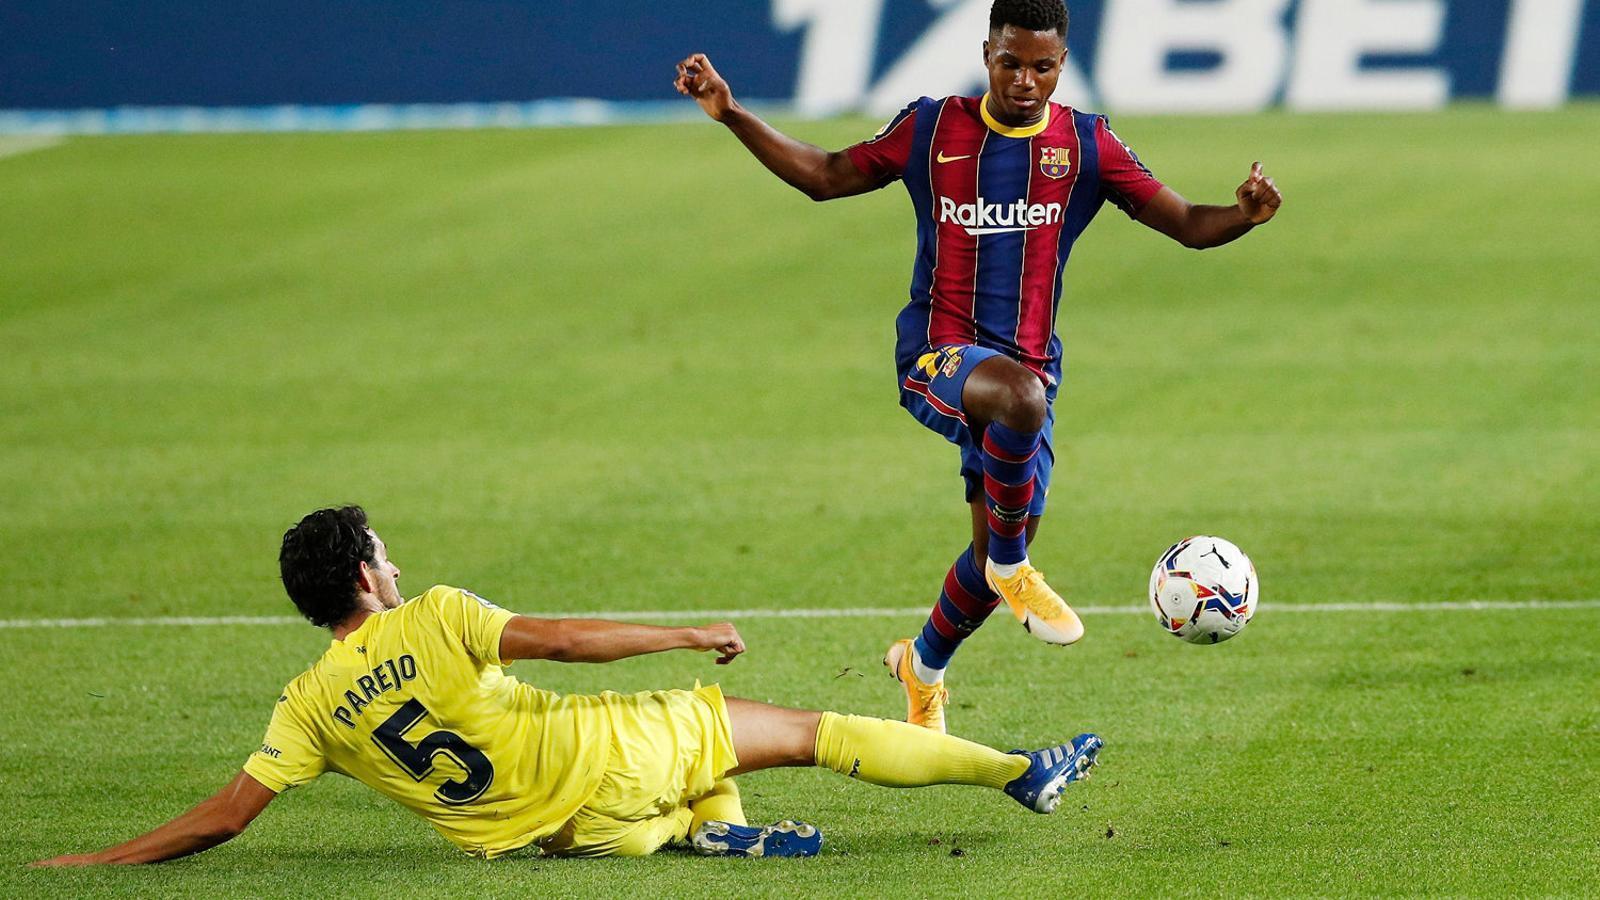 Ansu Fati superant Dani Parejo durant el partit de dissabte al Camp Nou contra el Vila-real, en què va fer dos gols i va provocar un penal.